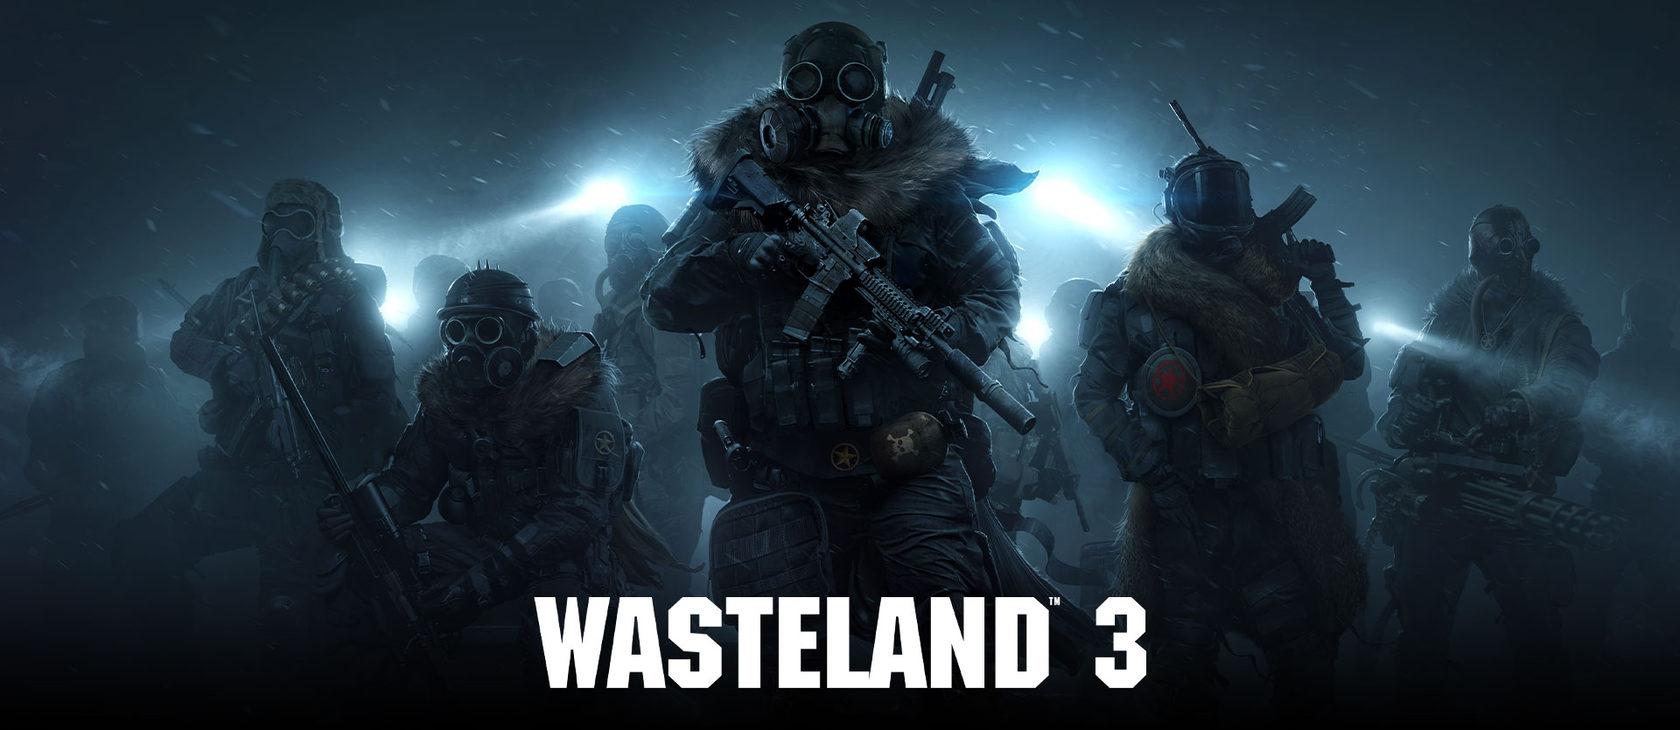 Wasteland_3_70641a92-e07c-4af5-b